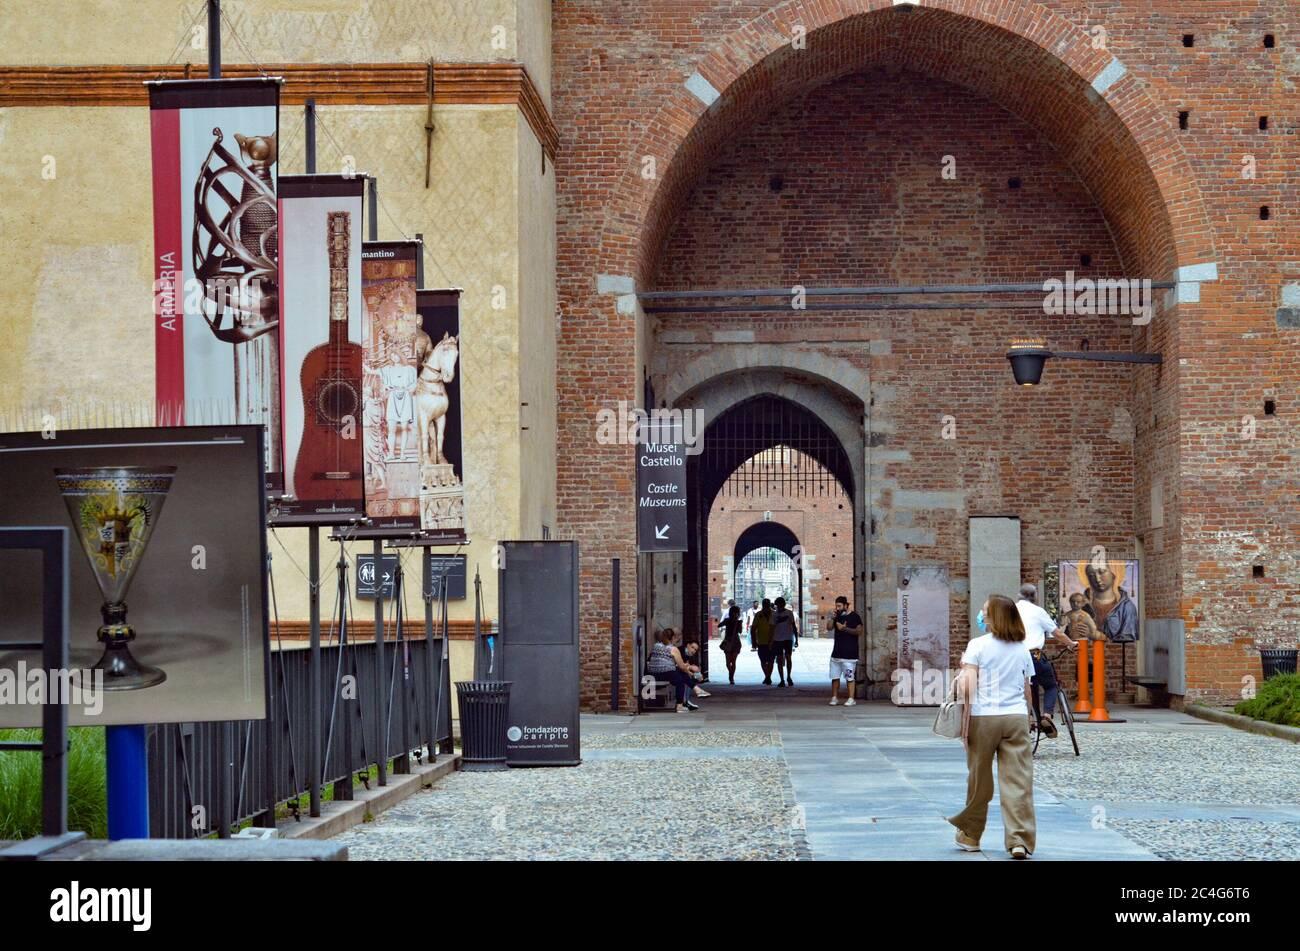 """Milao, ITA. 26 juin 2020. (INT) mouvement au château de Sforzesco. 26 juin 2020, Milan, Italie: Grand mouvement des gens lors de cette édition de ''2020 Estate Sforzesca'' avec le titre' â""""A stage for Milan.'' Il y aurait 80 événements musicaux, théâtraux et de danse tous prévus jusqu'au 3 septembre.Credit: Josi Donelli/Thenews2 Credit: Josi Donelli/TheNEWS2/ZUMA Wire/Alay Live News Banque D'Images"""